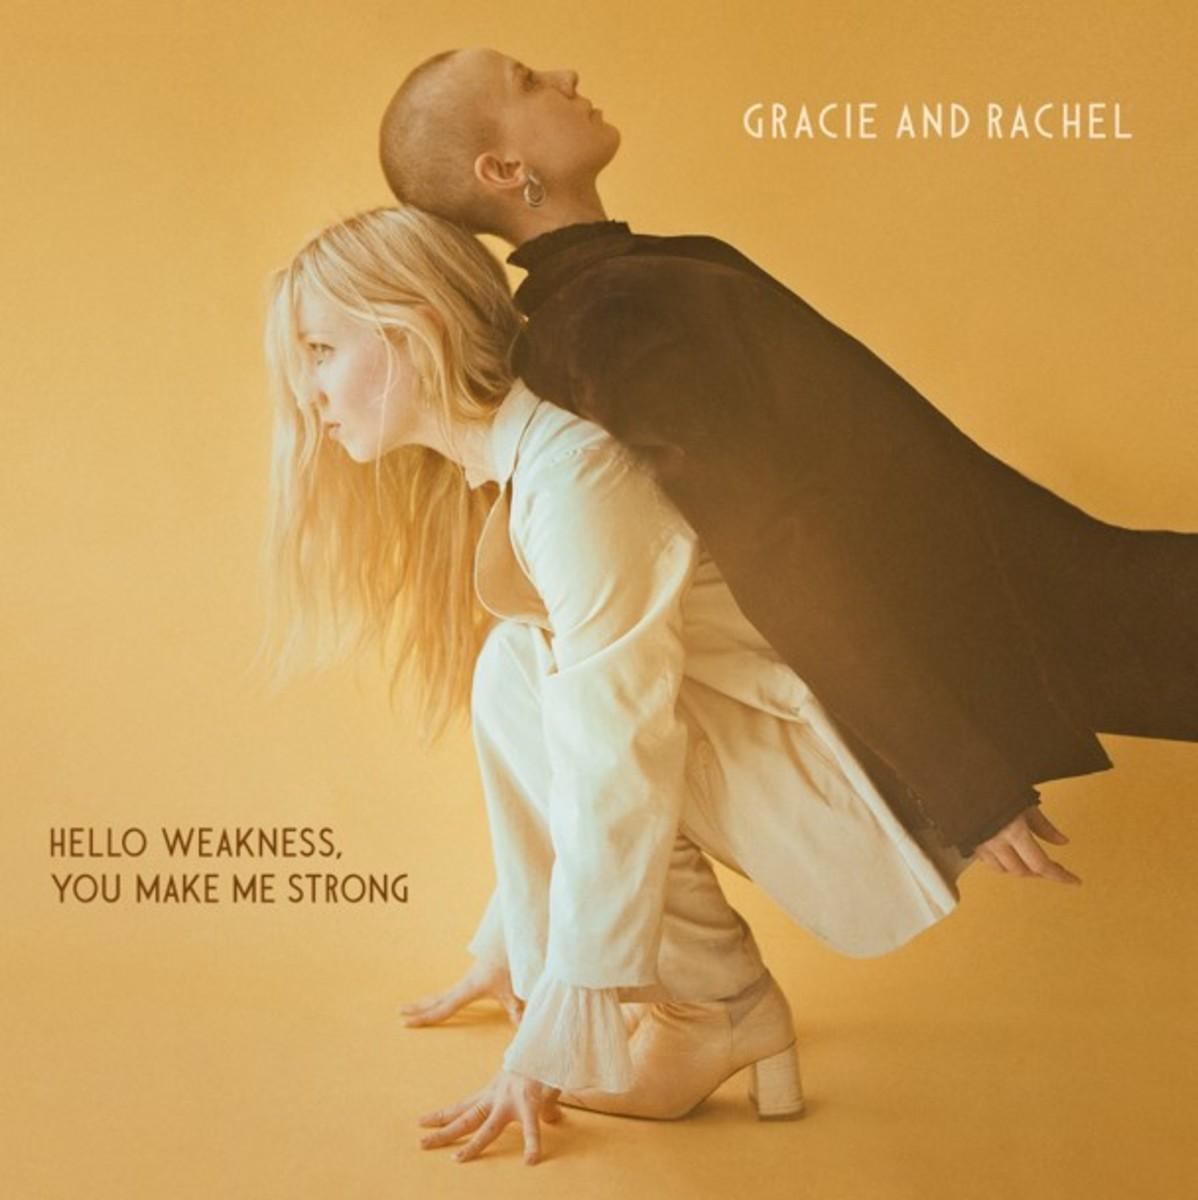 Gracie and Rachel album